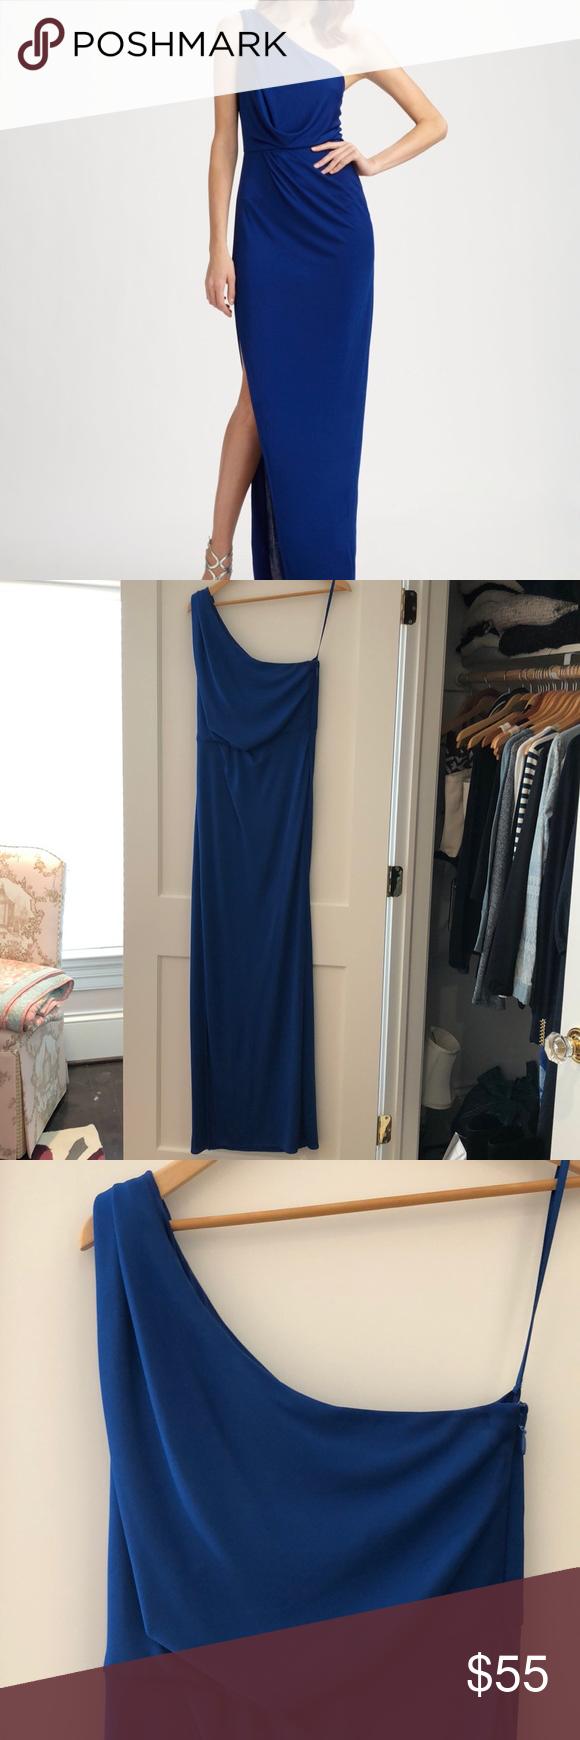 Bcbg maxazria cobalt blue dress cobalt blue blue dresses and cobalt